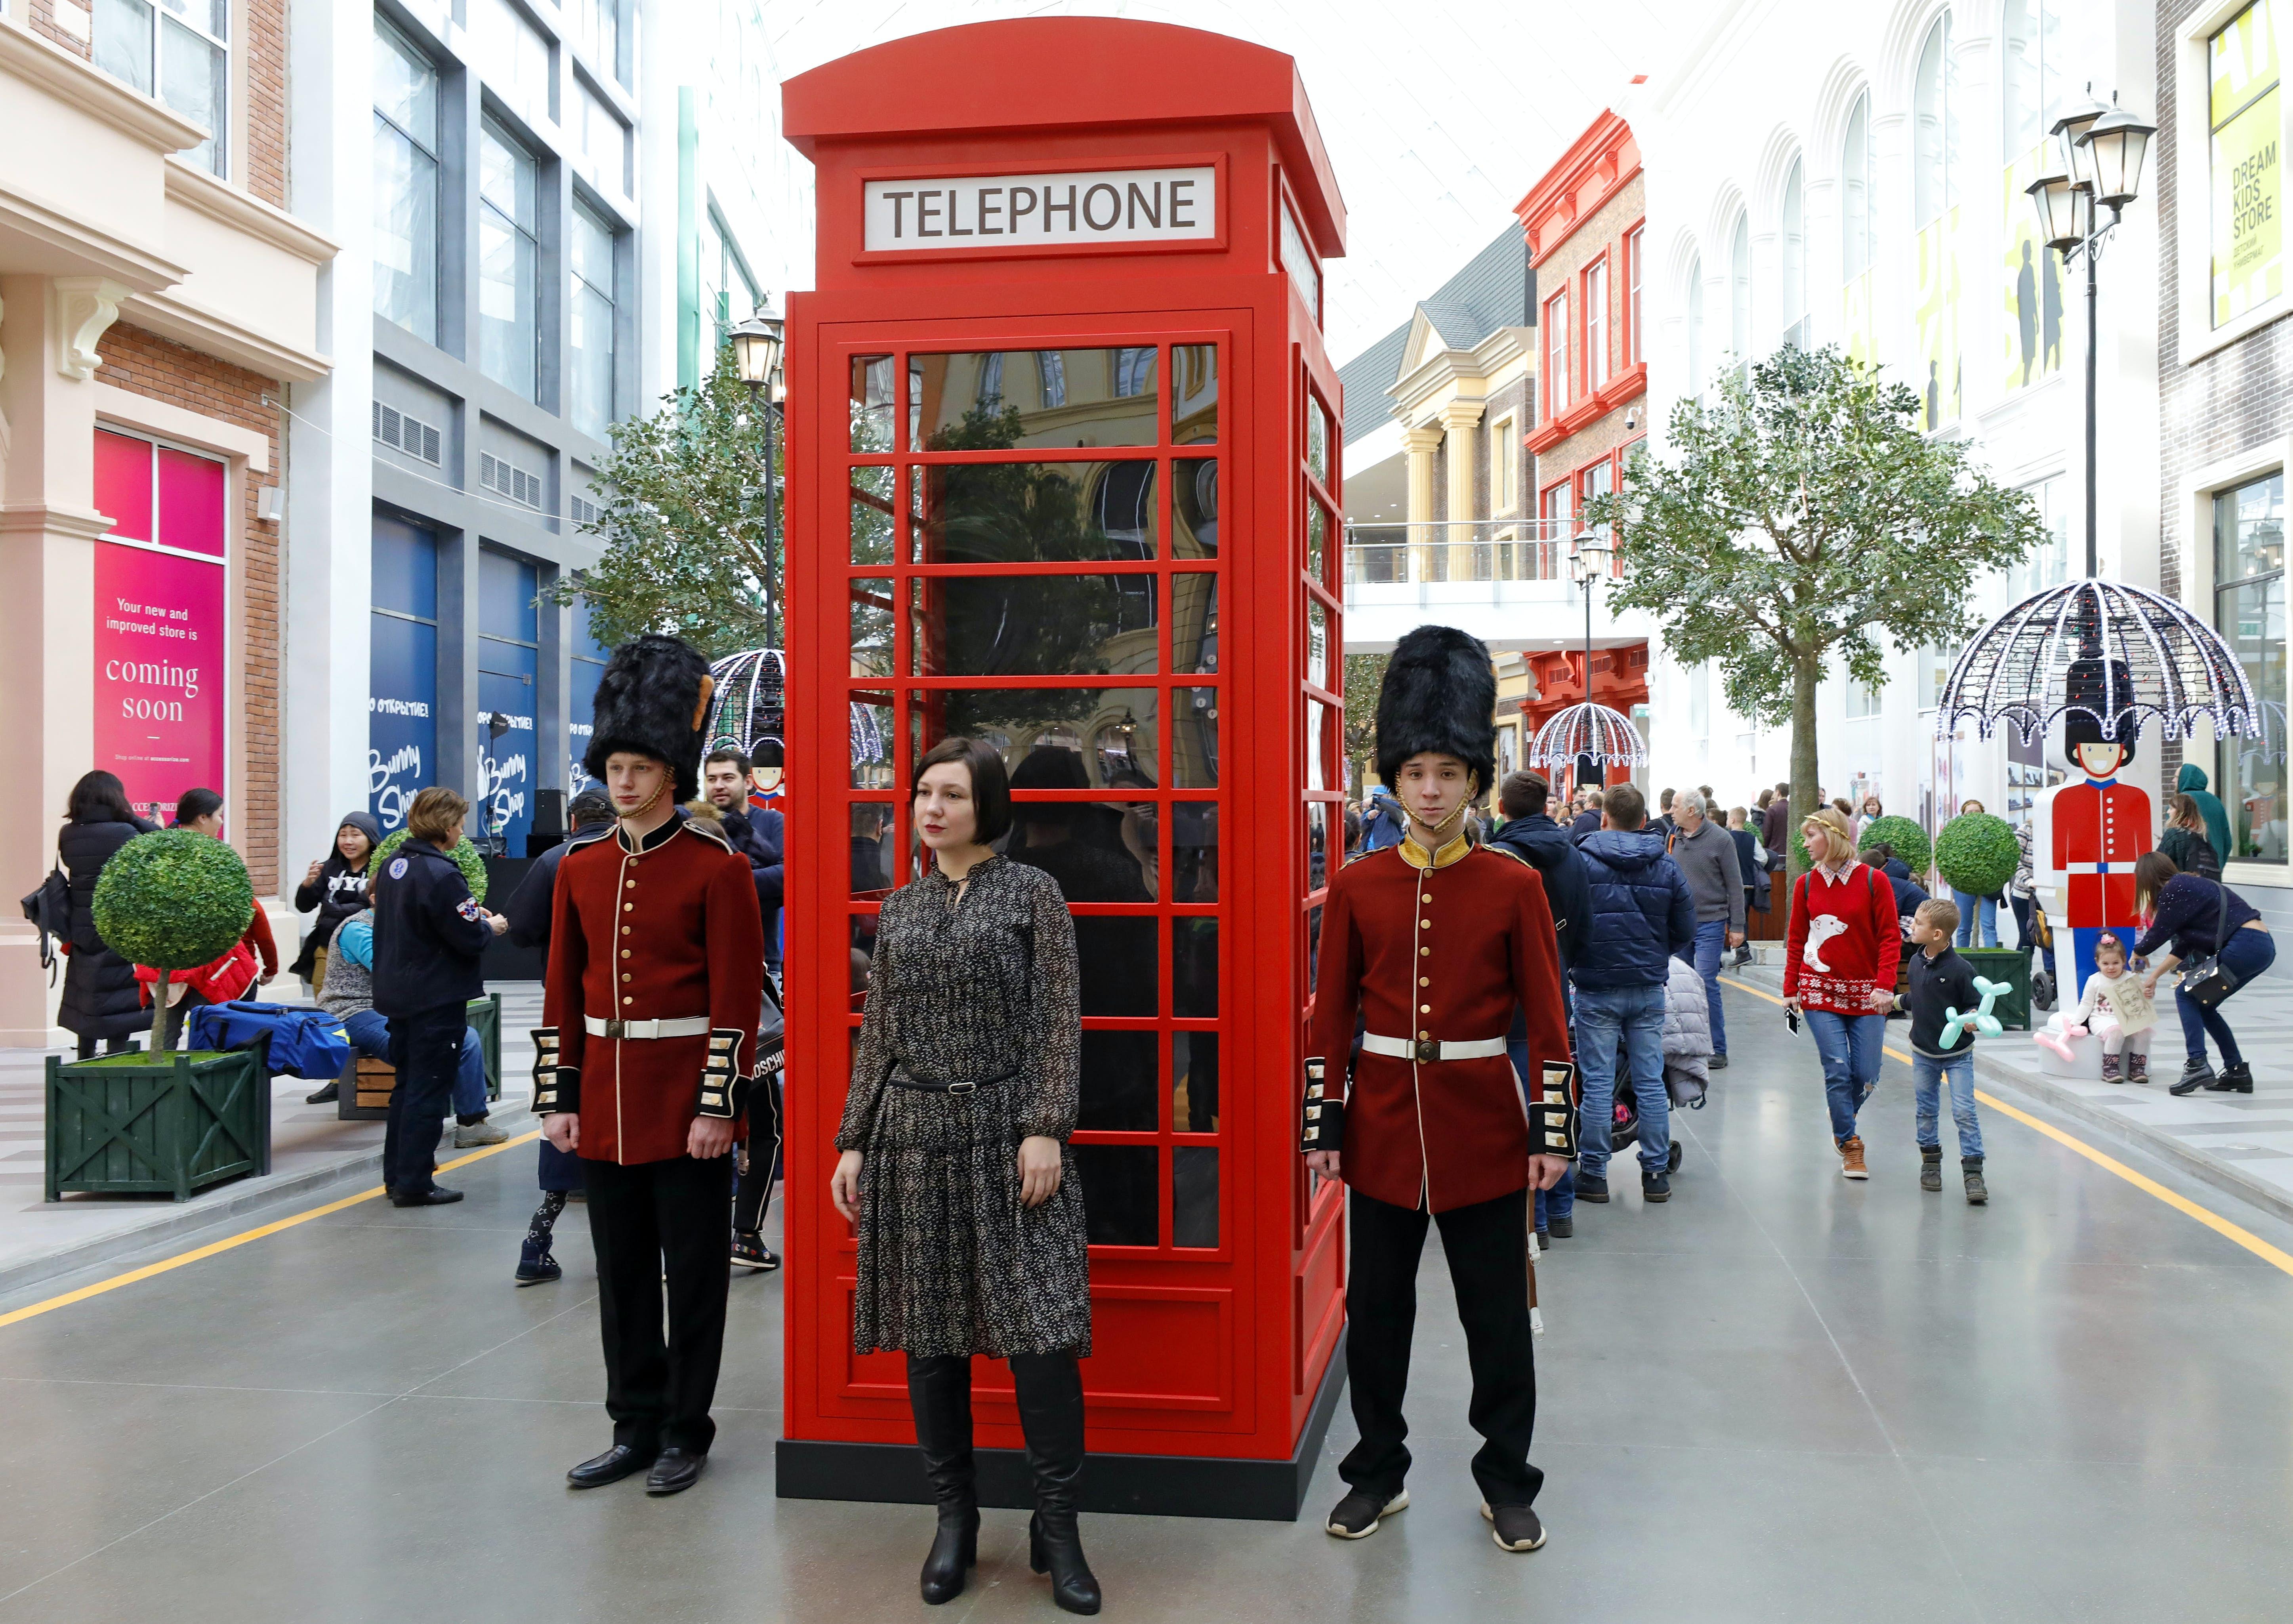 Uma caixa telefônica tradicional de Londres e guardas reais em um parque temático coberto